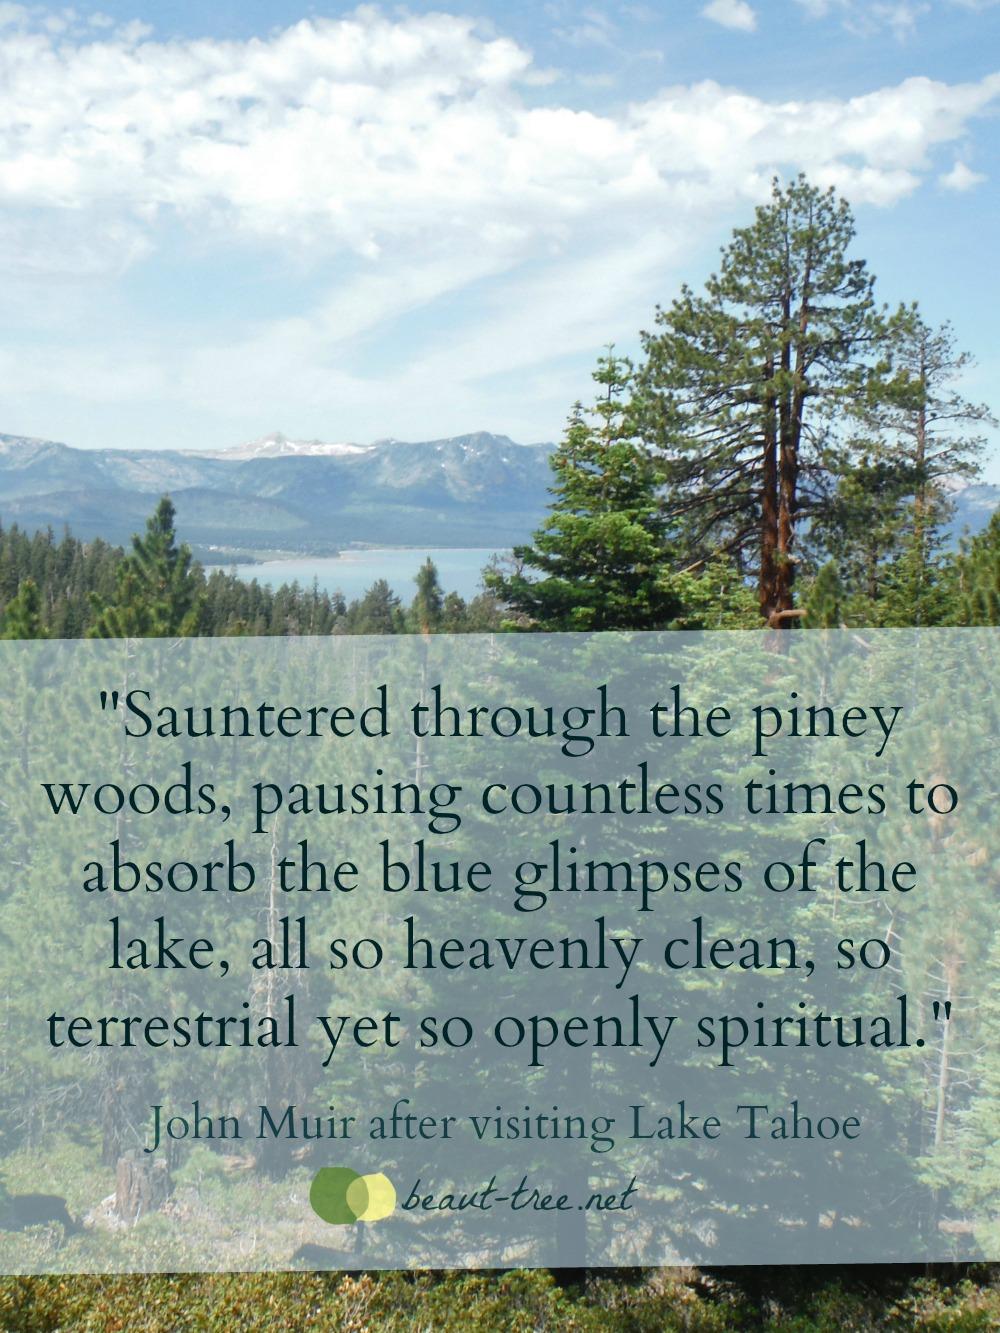 John Muir & Lake Tahoe